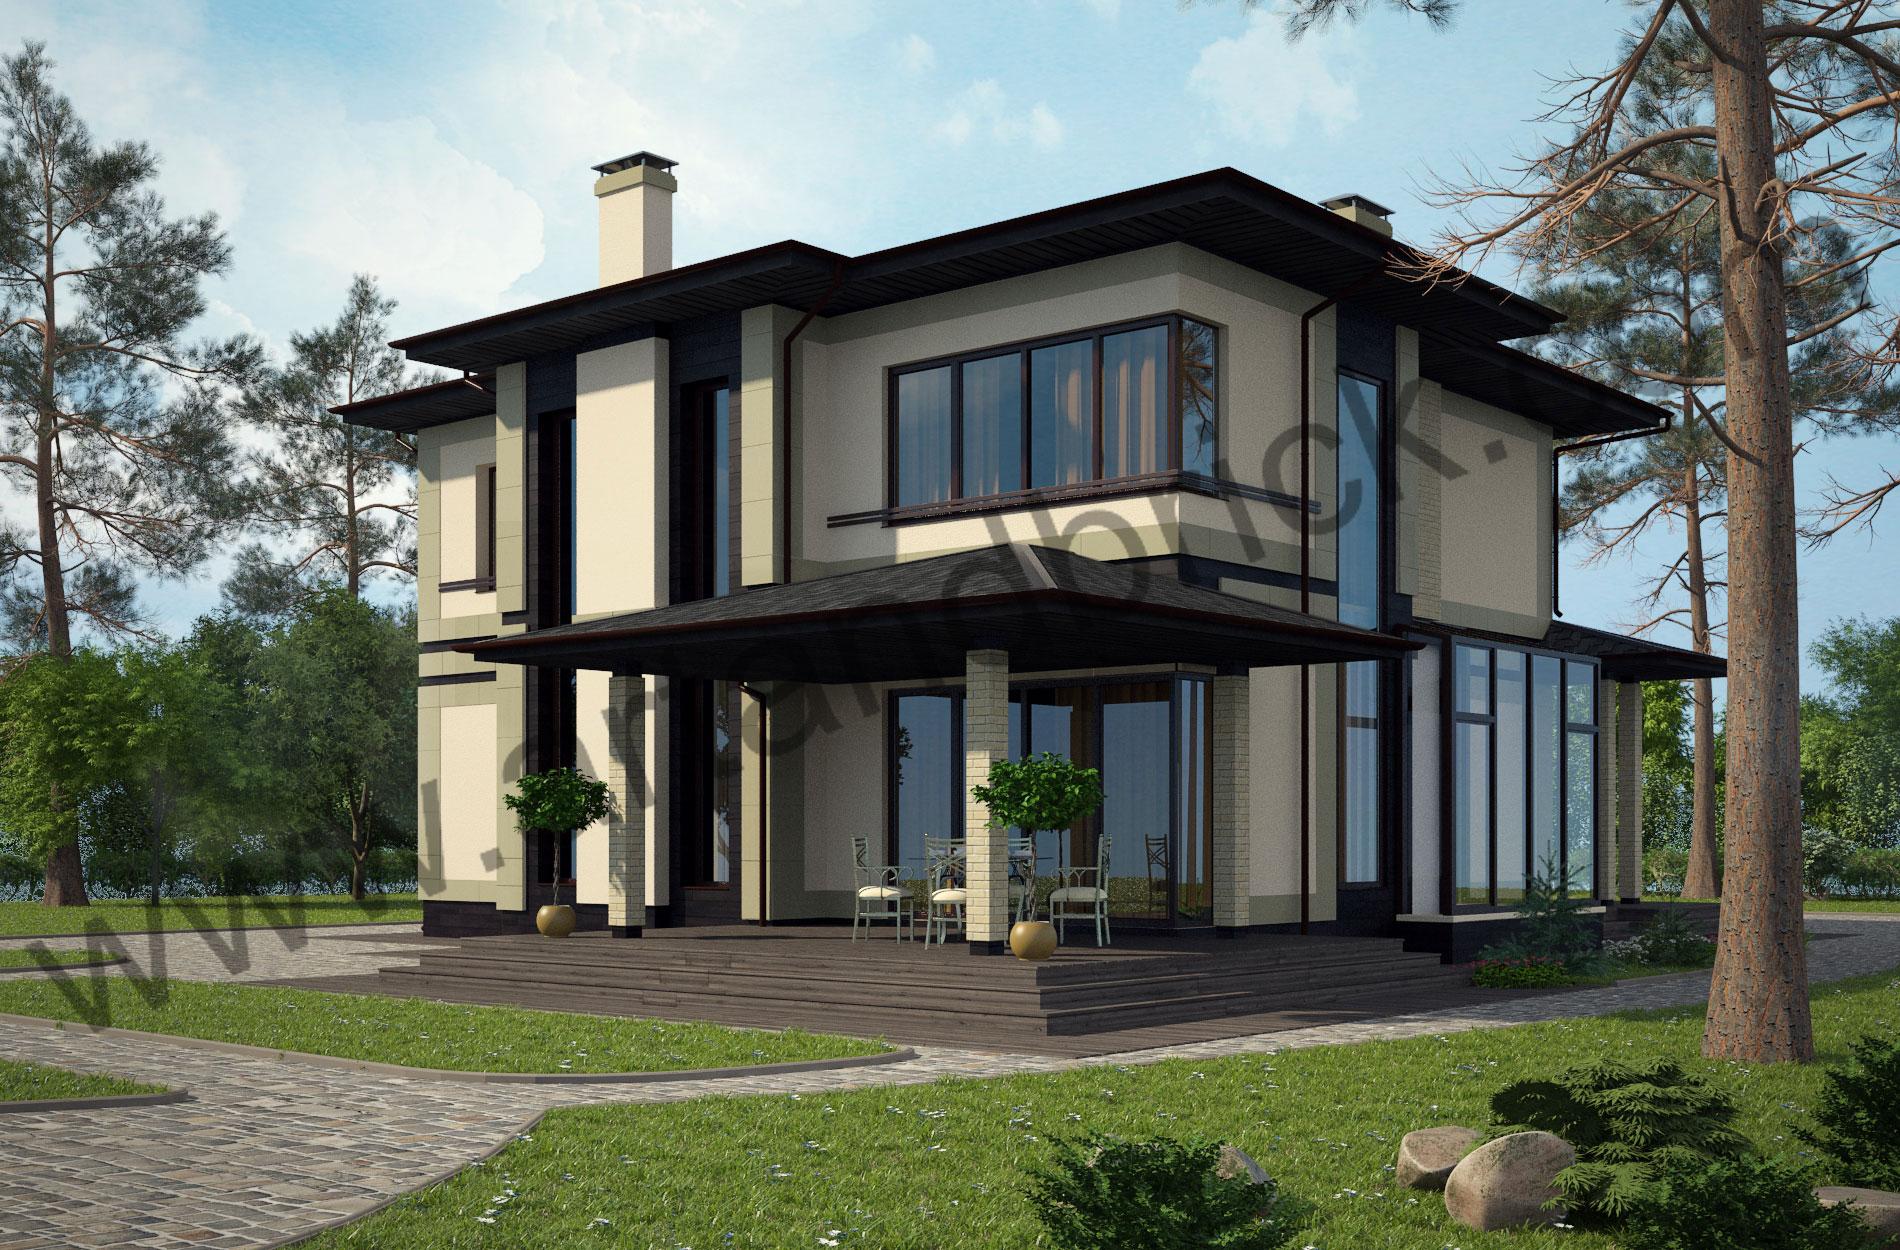 Проект дома c баней в современном стиле – задний фасад дома и боковой фасад с зимним садом. Площадь современного коттеджа – 253 кв.м., площадь бани – 85 кв.м.